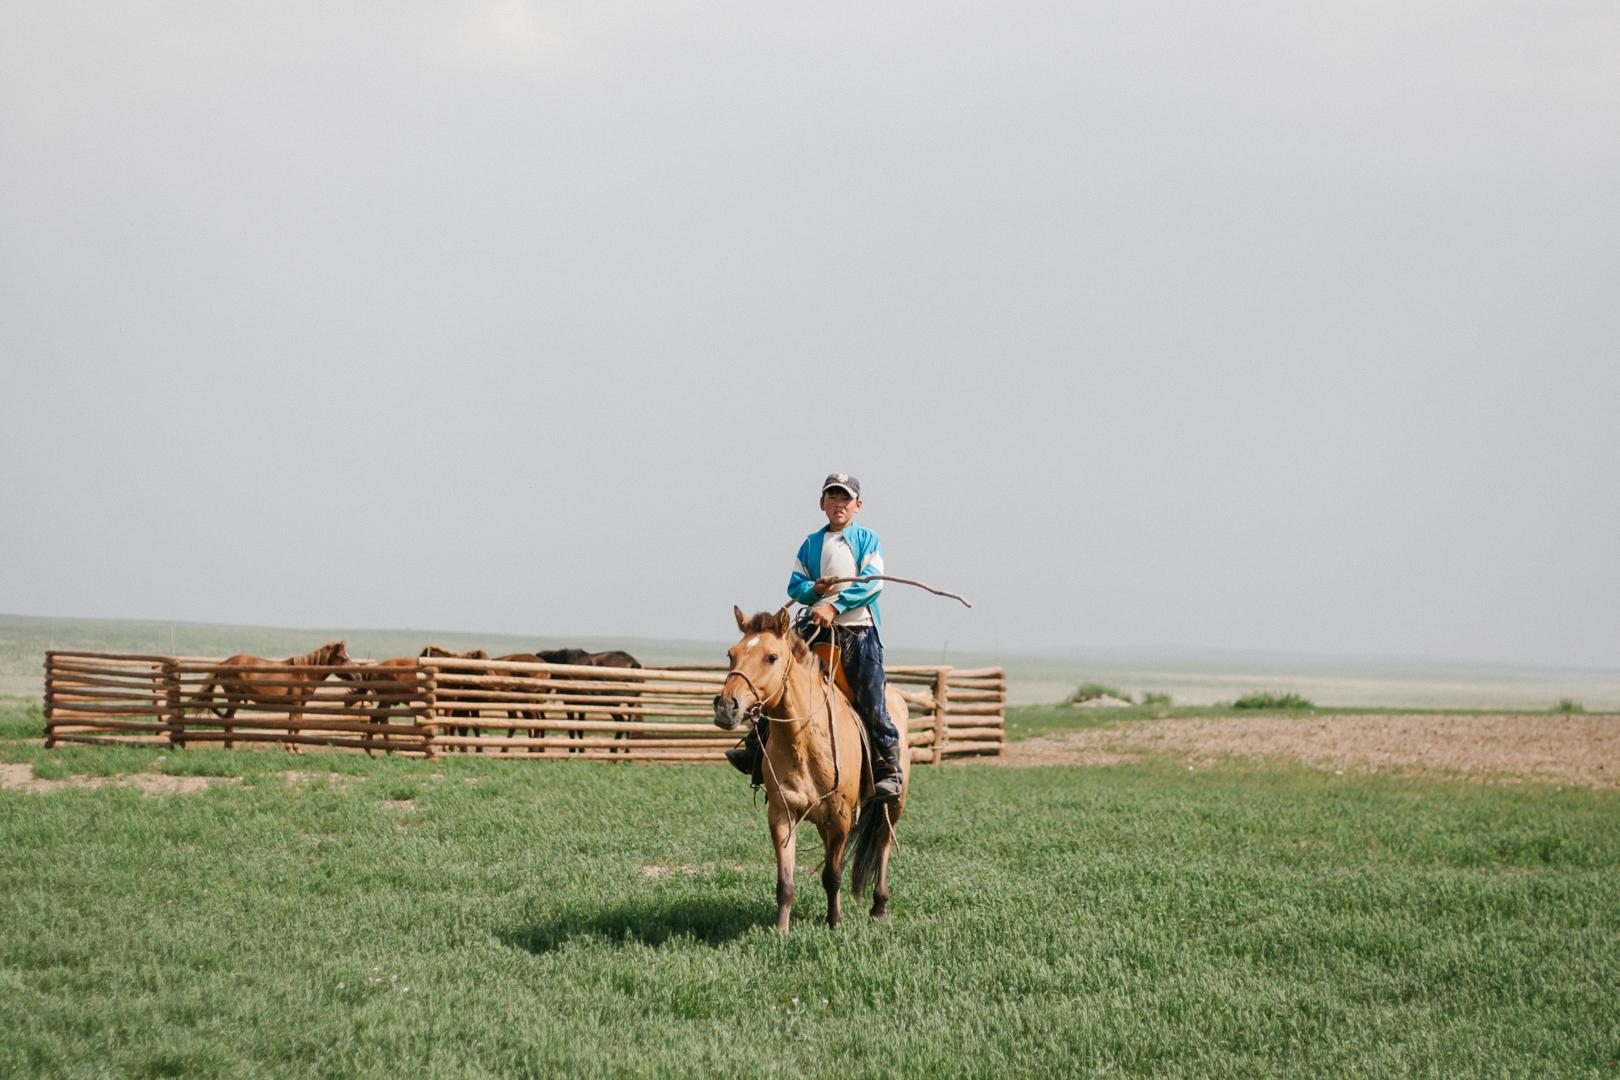 bergé enfant mongole cavalier mongolie